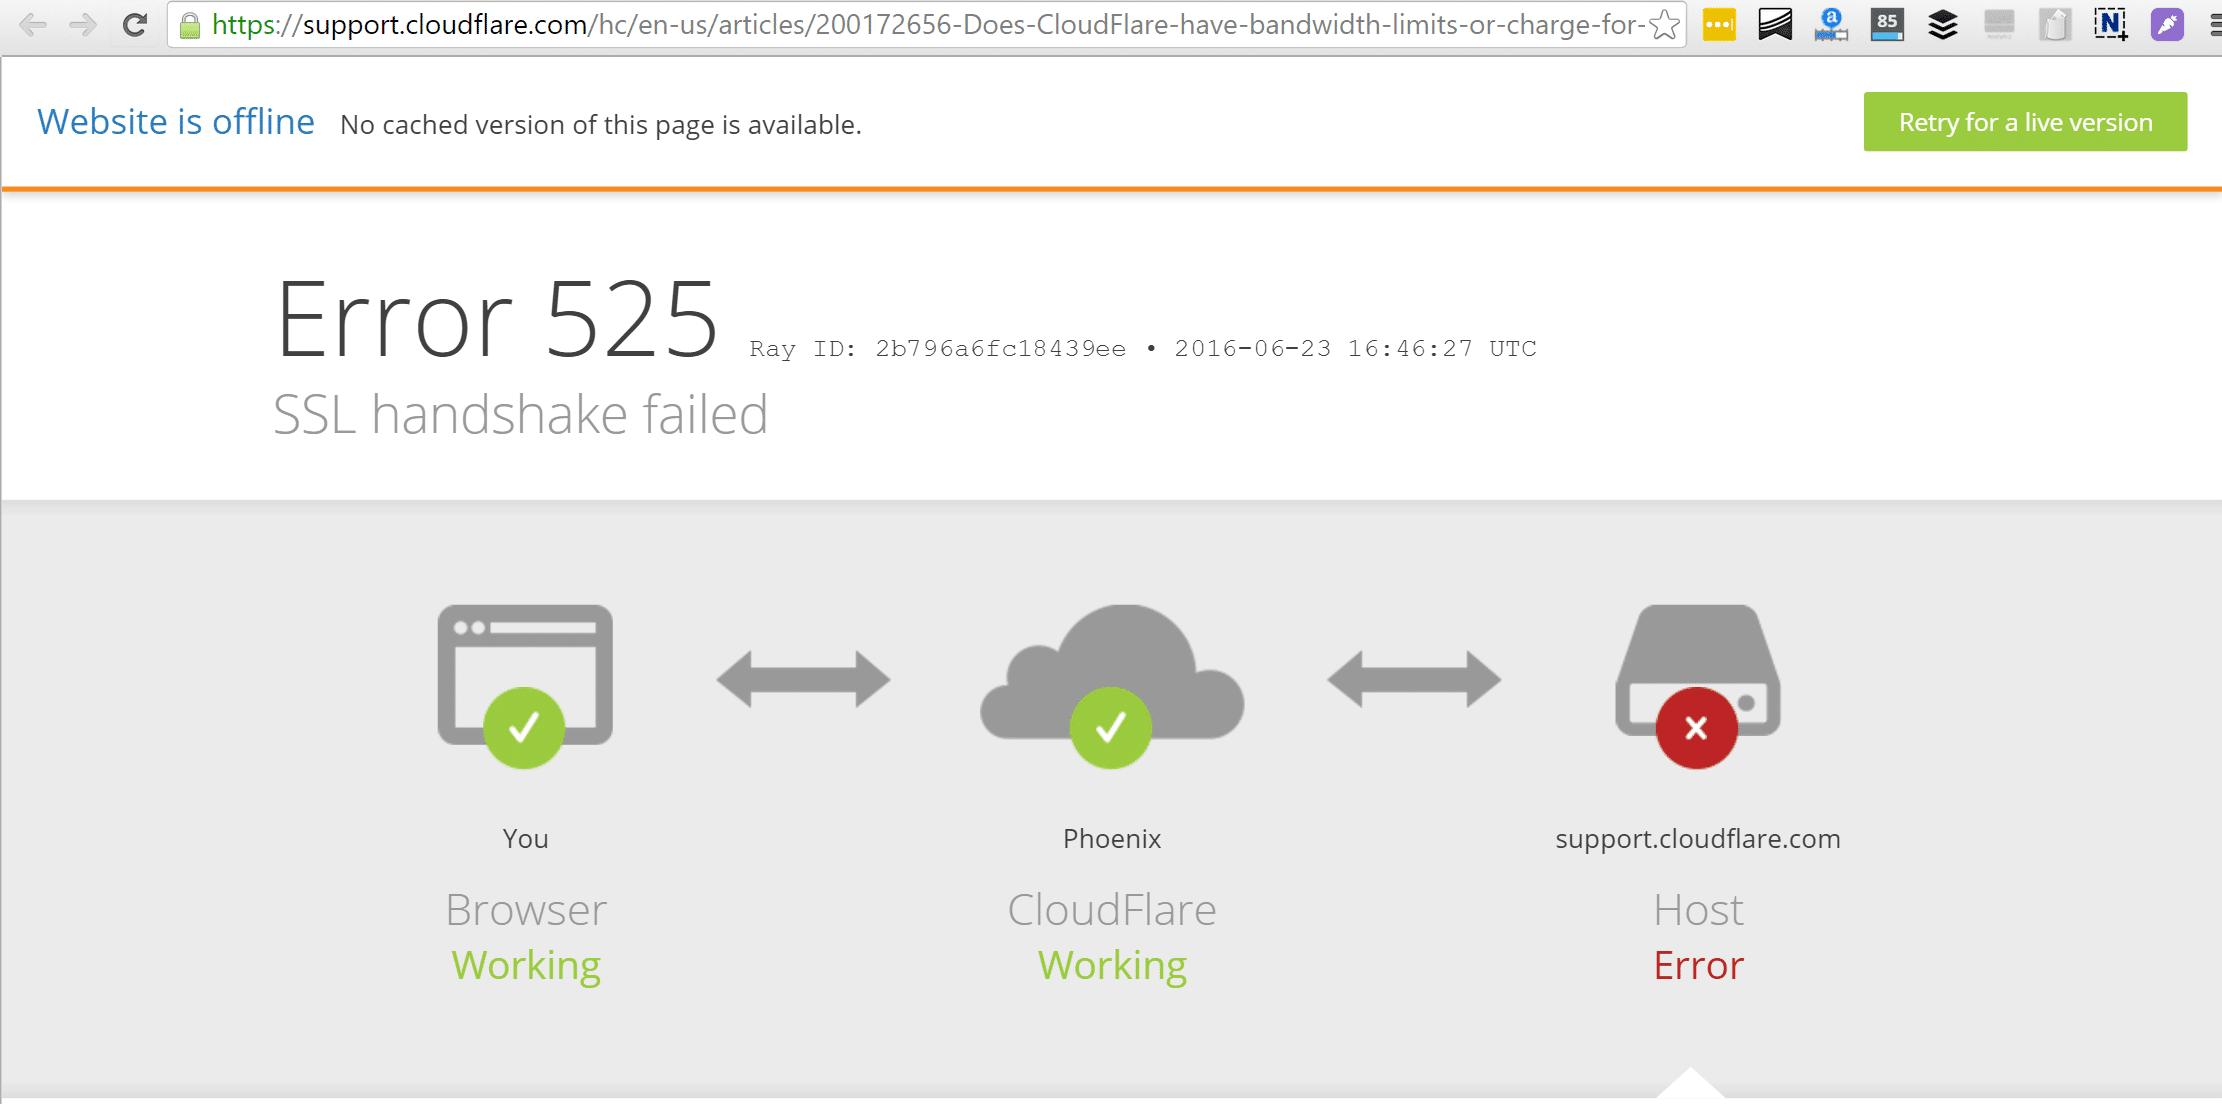 cloudflare-error-525